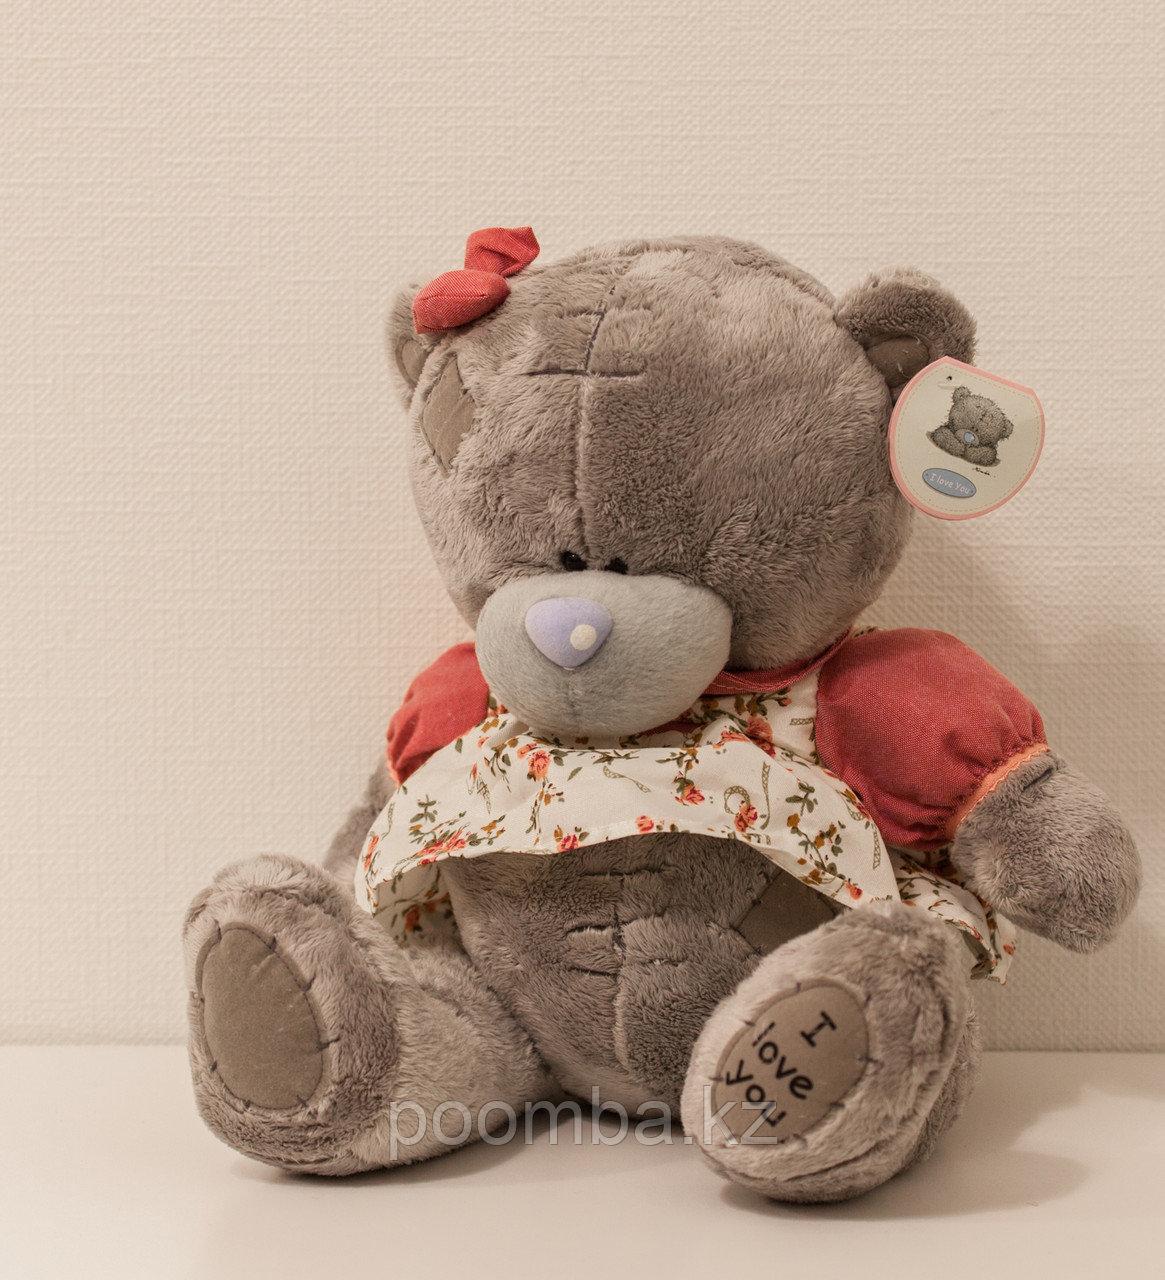 """Мягкая игрушка Teddy """"Me to You"""" 30 см в розовом платье"""